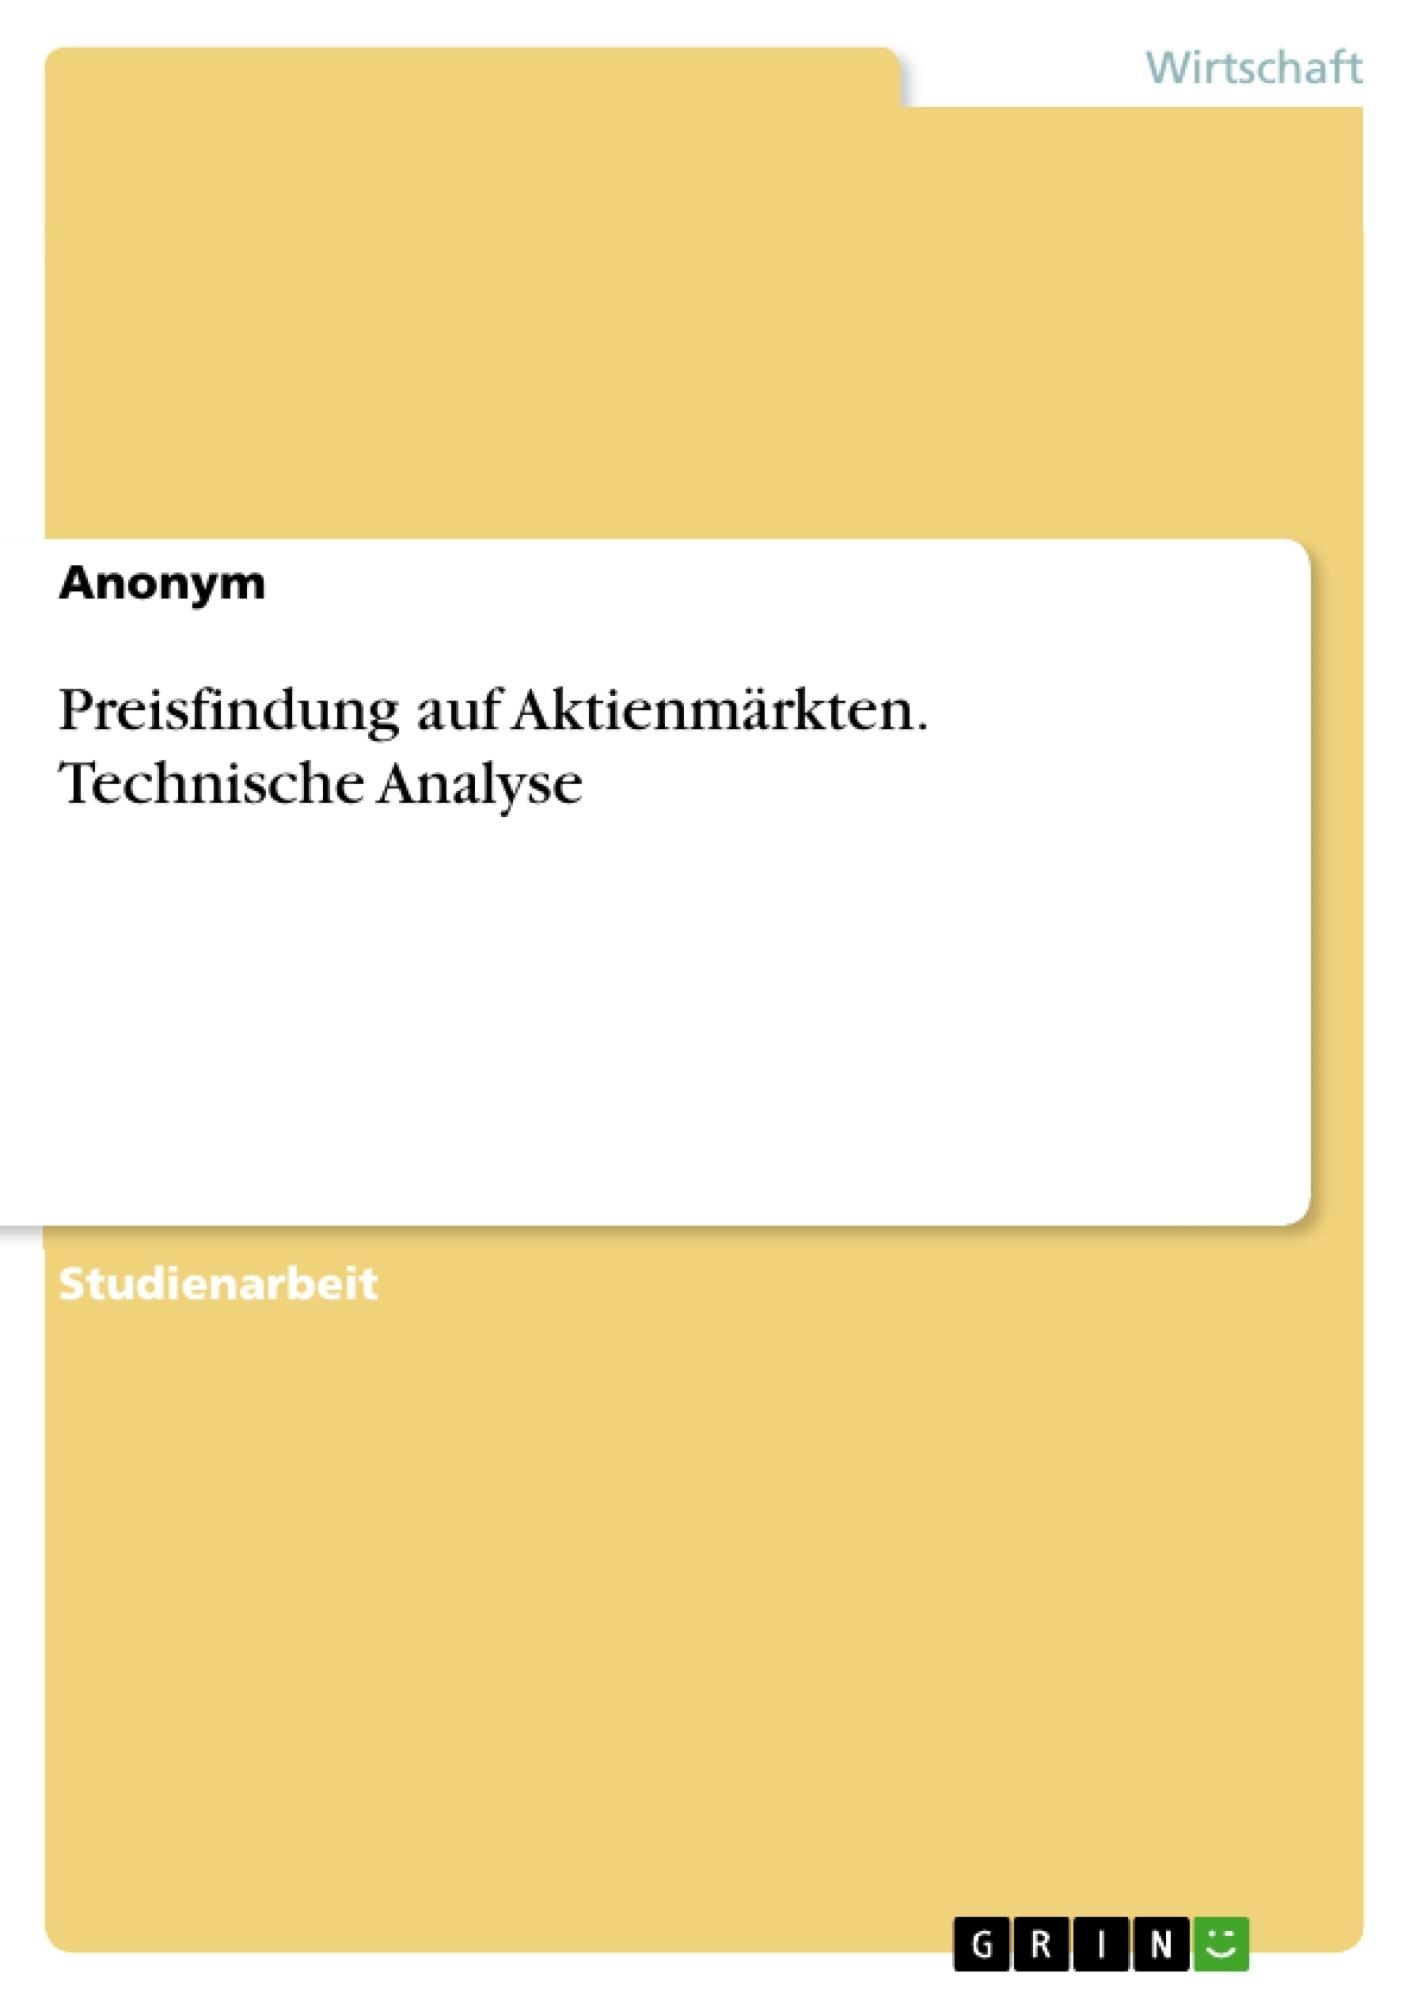 Titel: Preisfindung auf Aktienmärkten. Technische Analyse